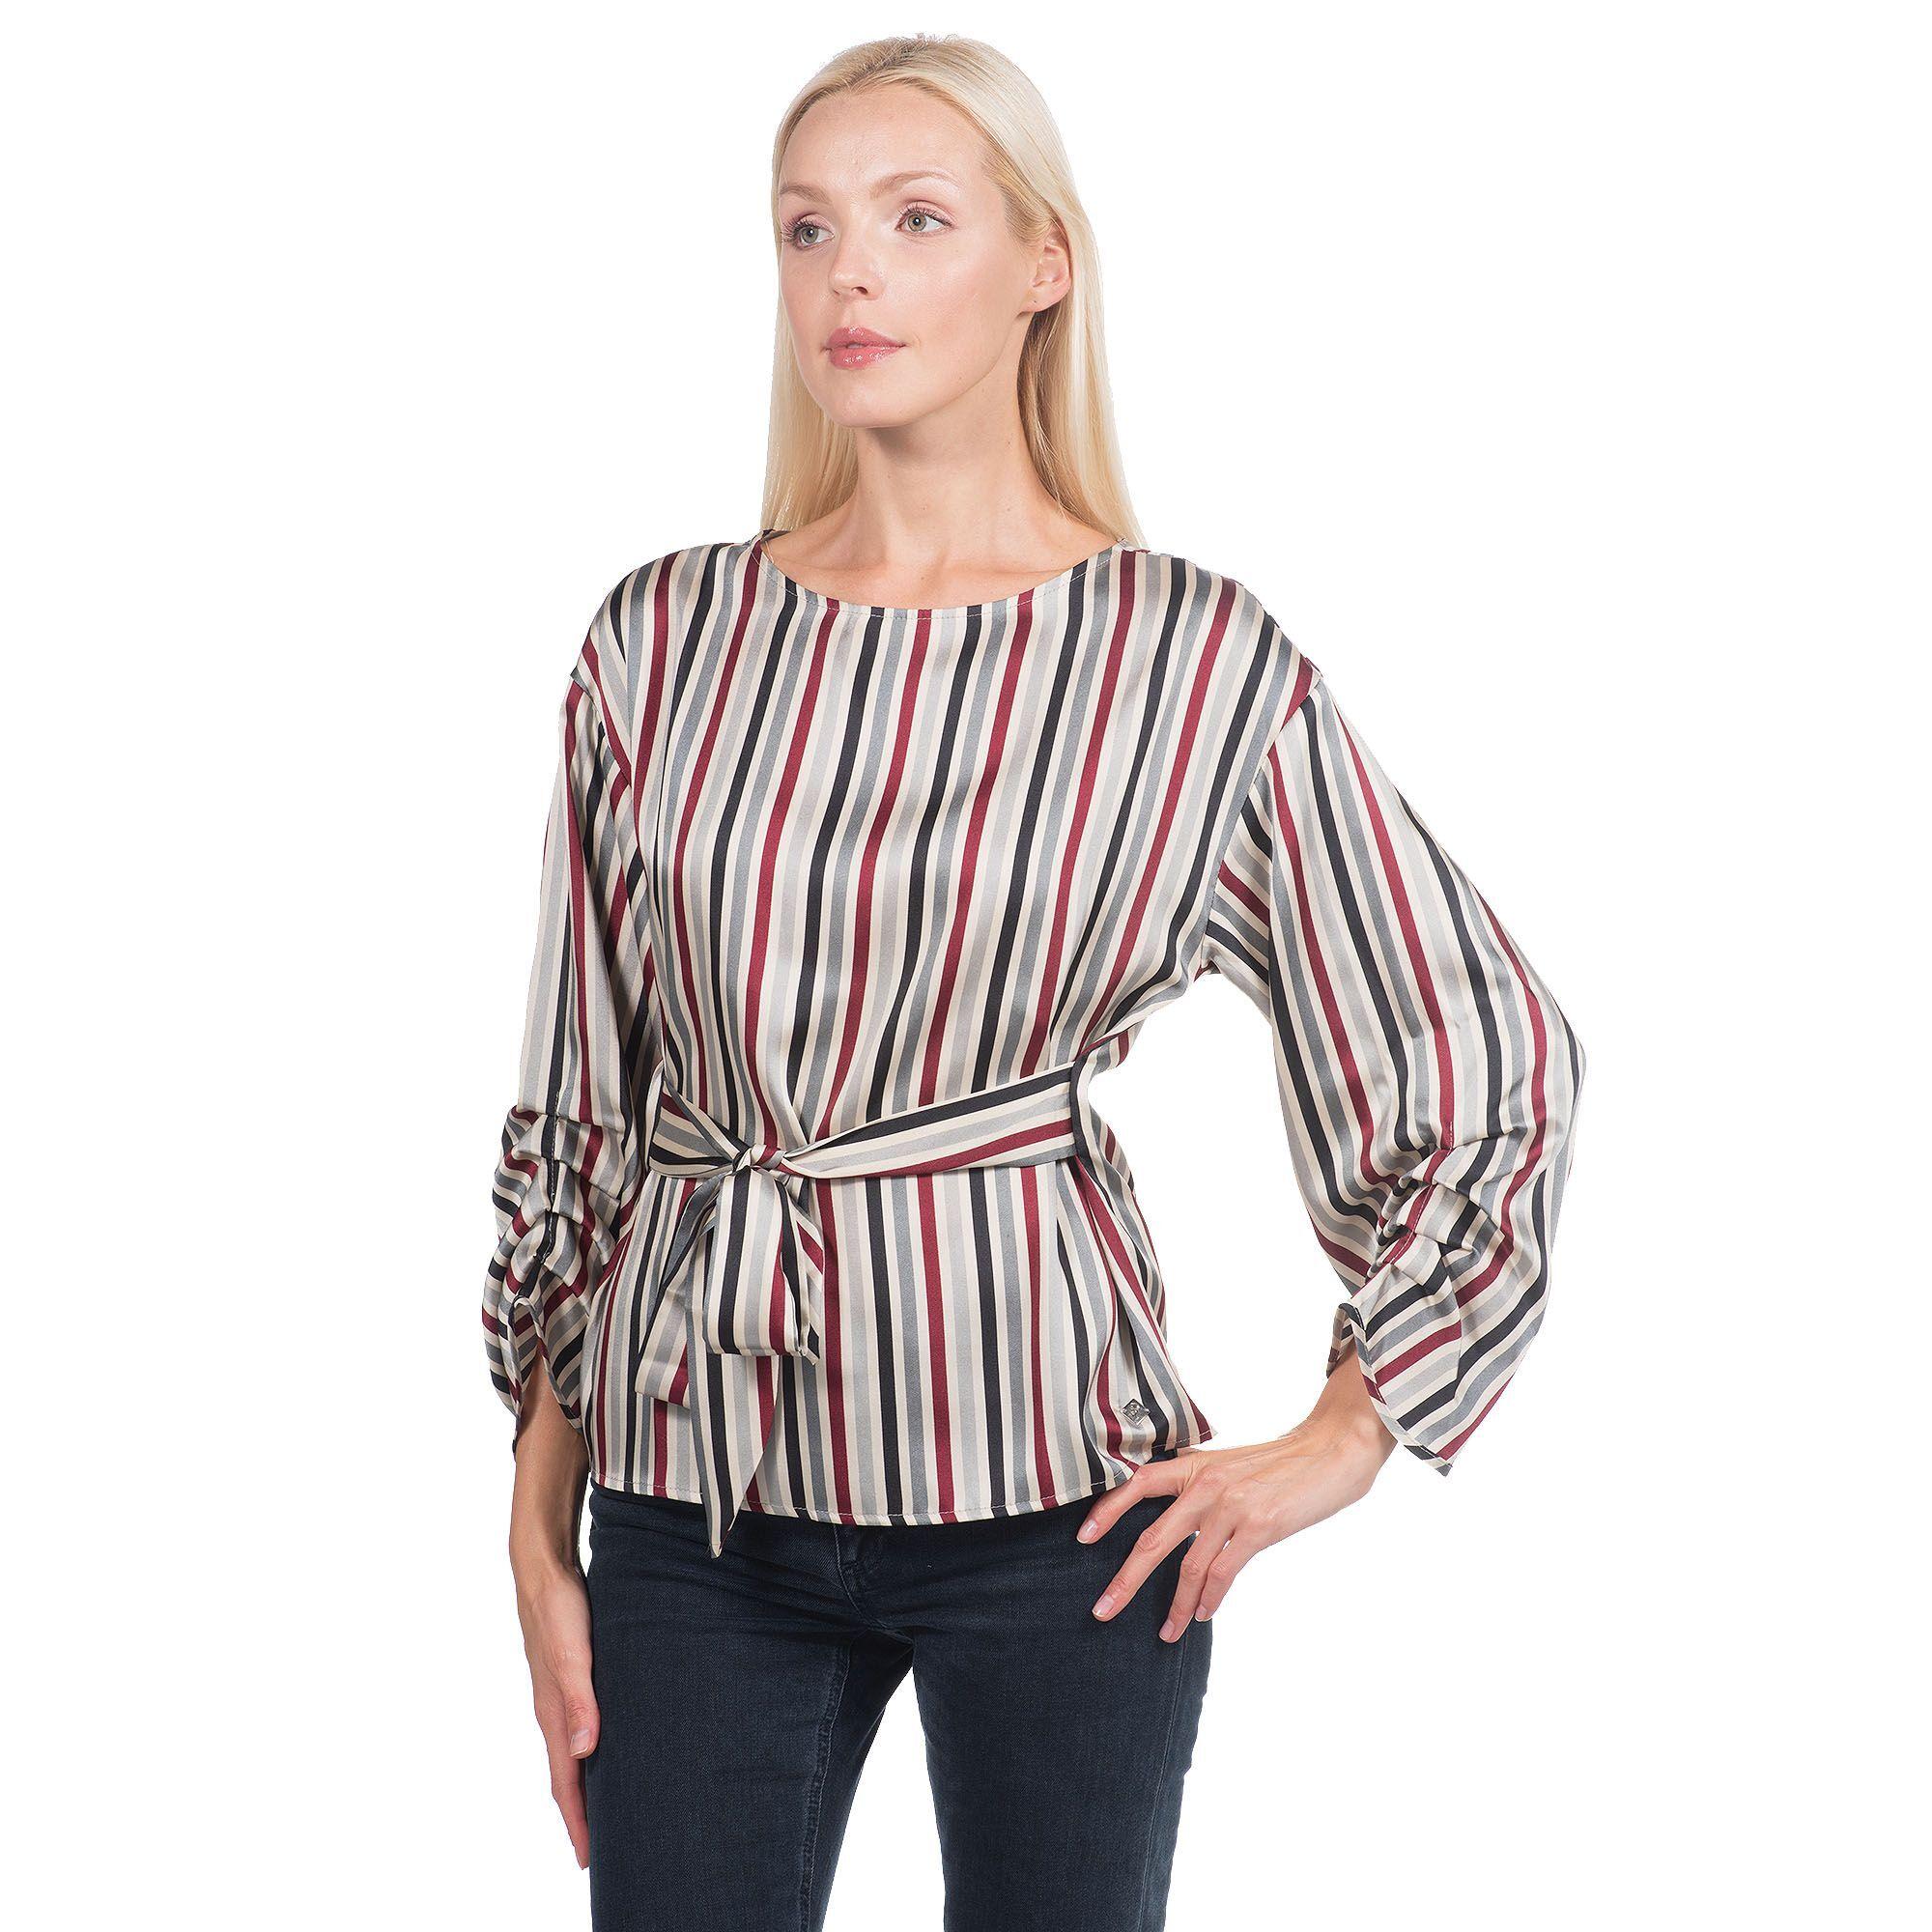 Officina della Moda Blusa made in Italy in raso fantasia